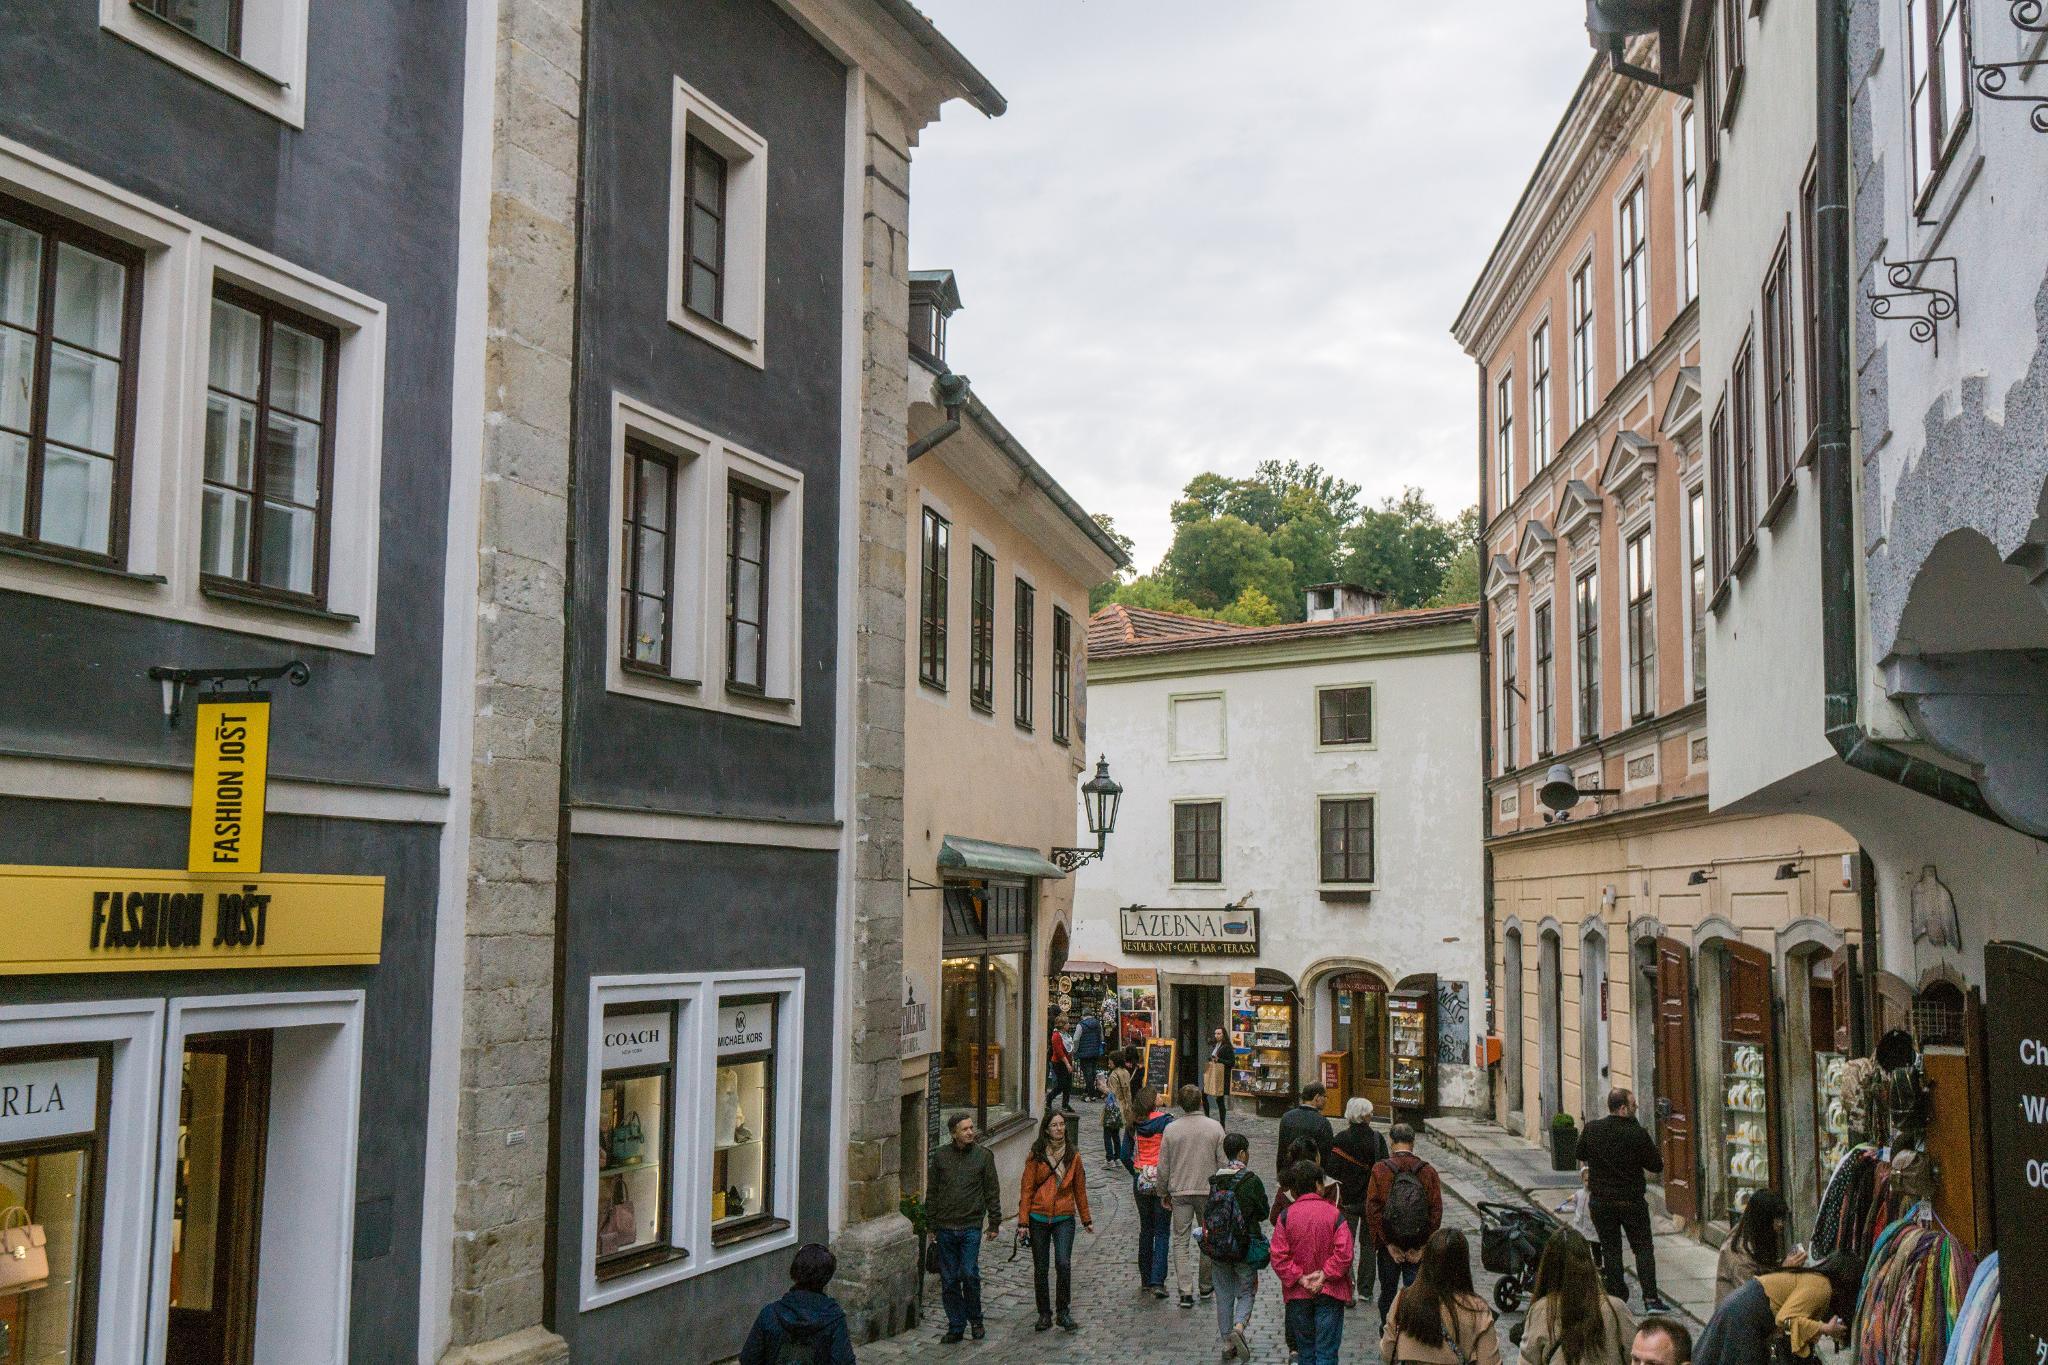 【捷克】Český Krumlov 庫倫諾夫 — 穿梭最美的中世紀童話小鎮 16